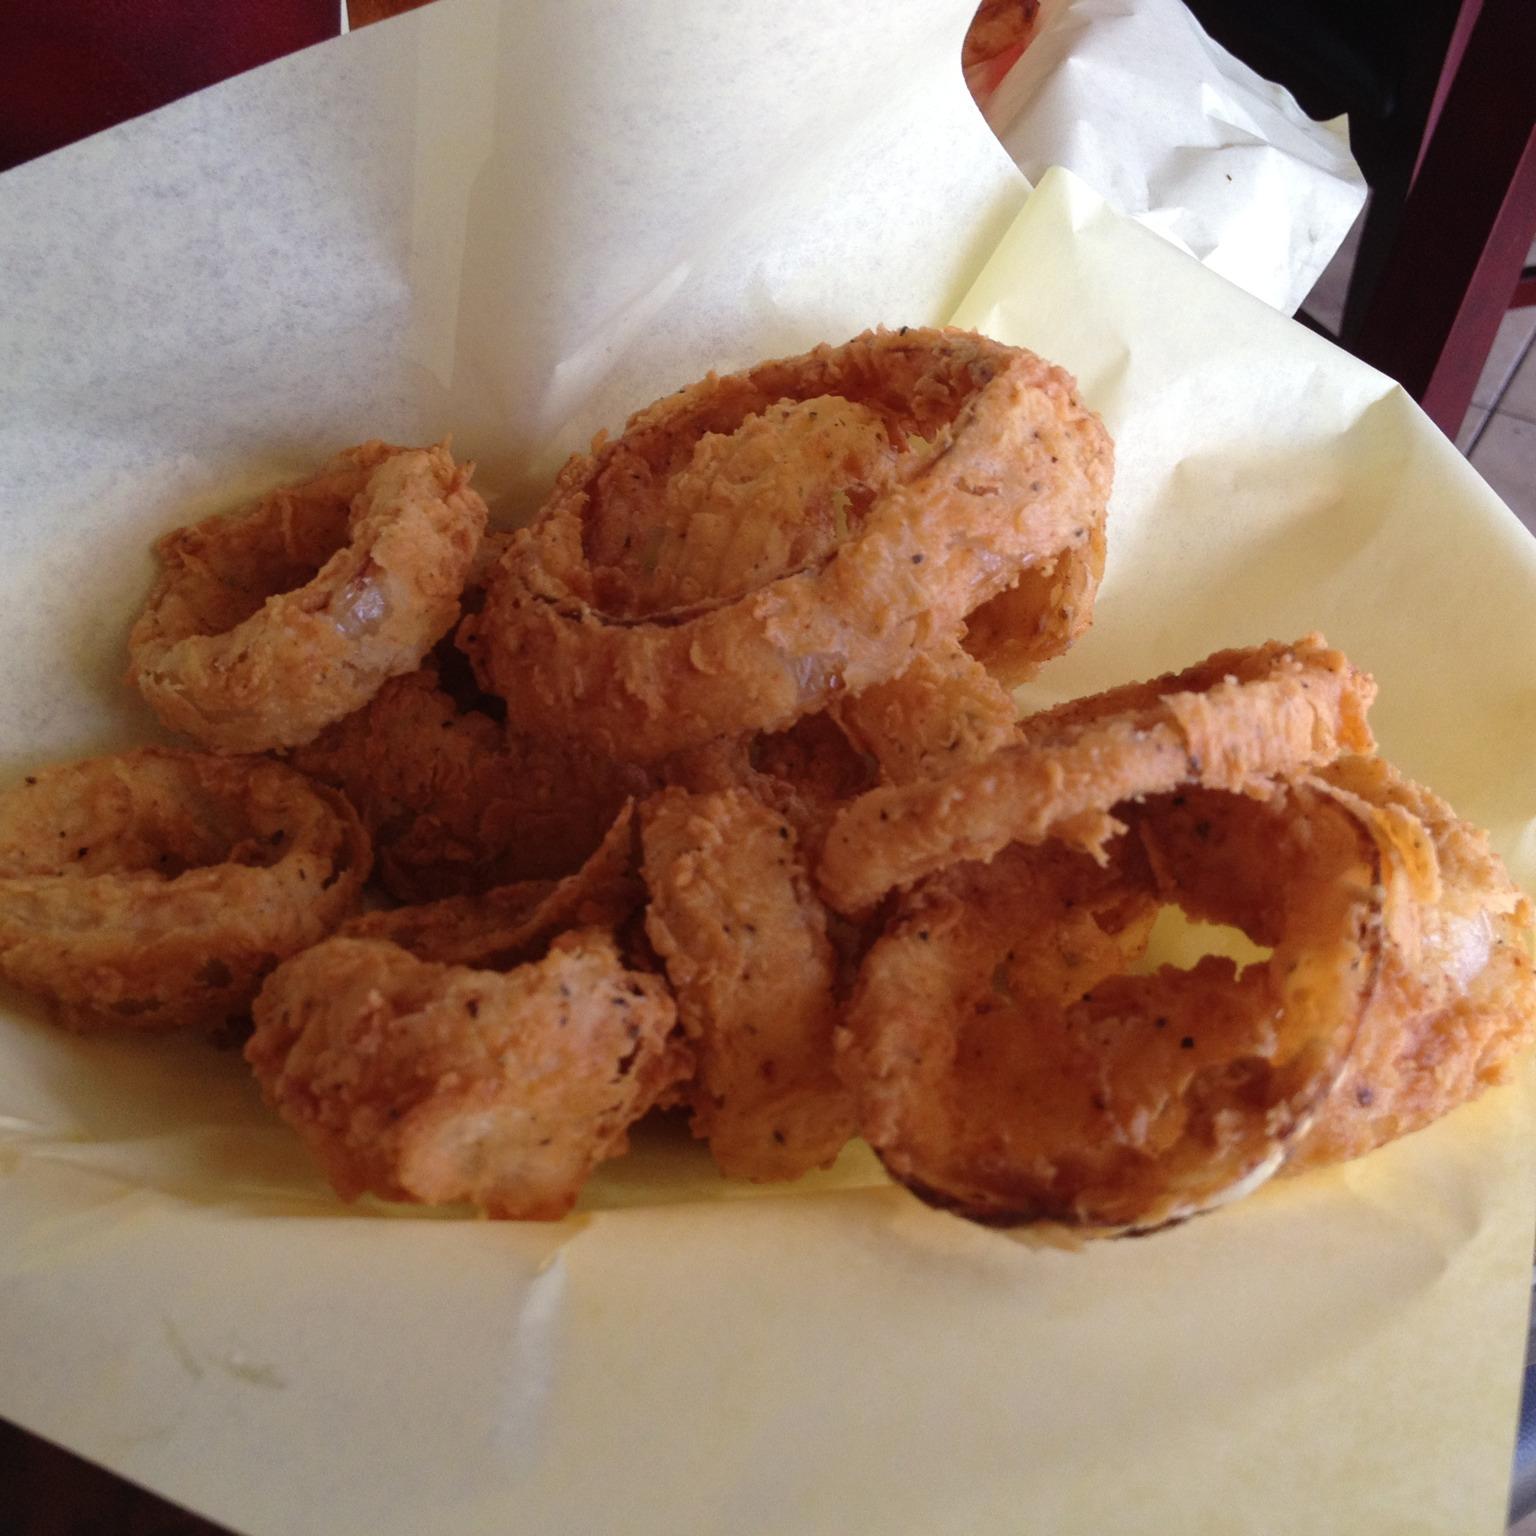 hoggs n chicks menu